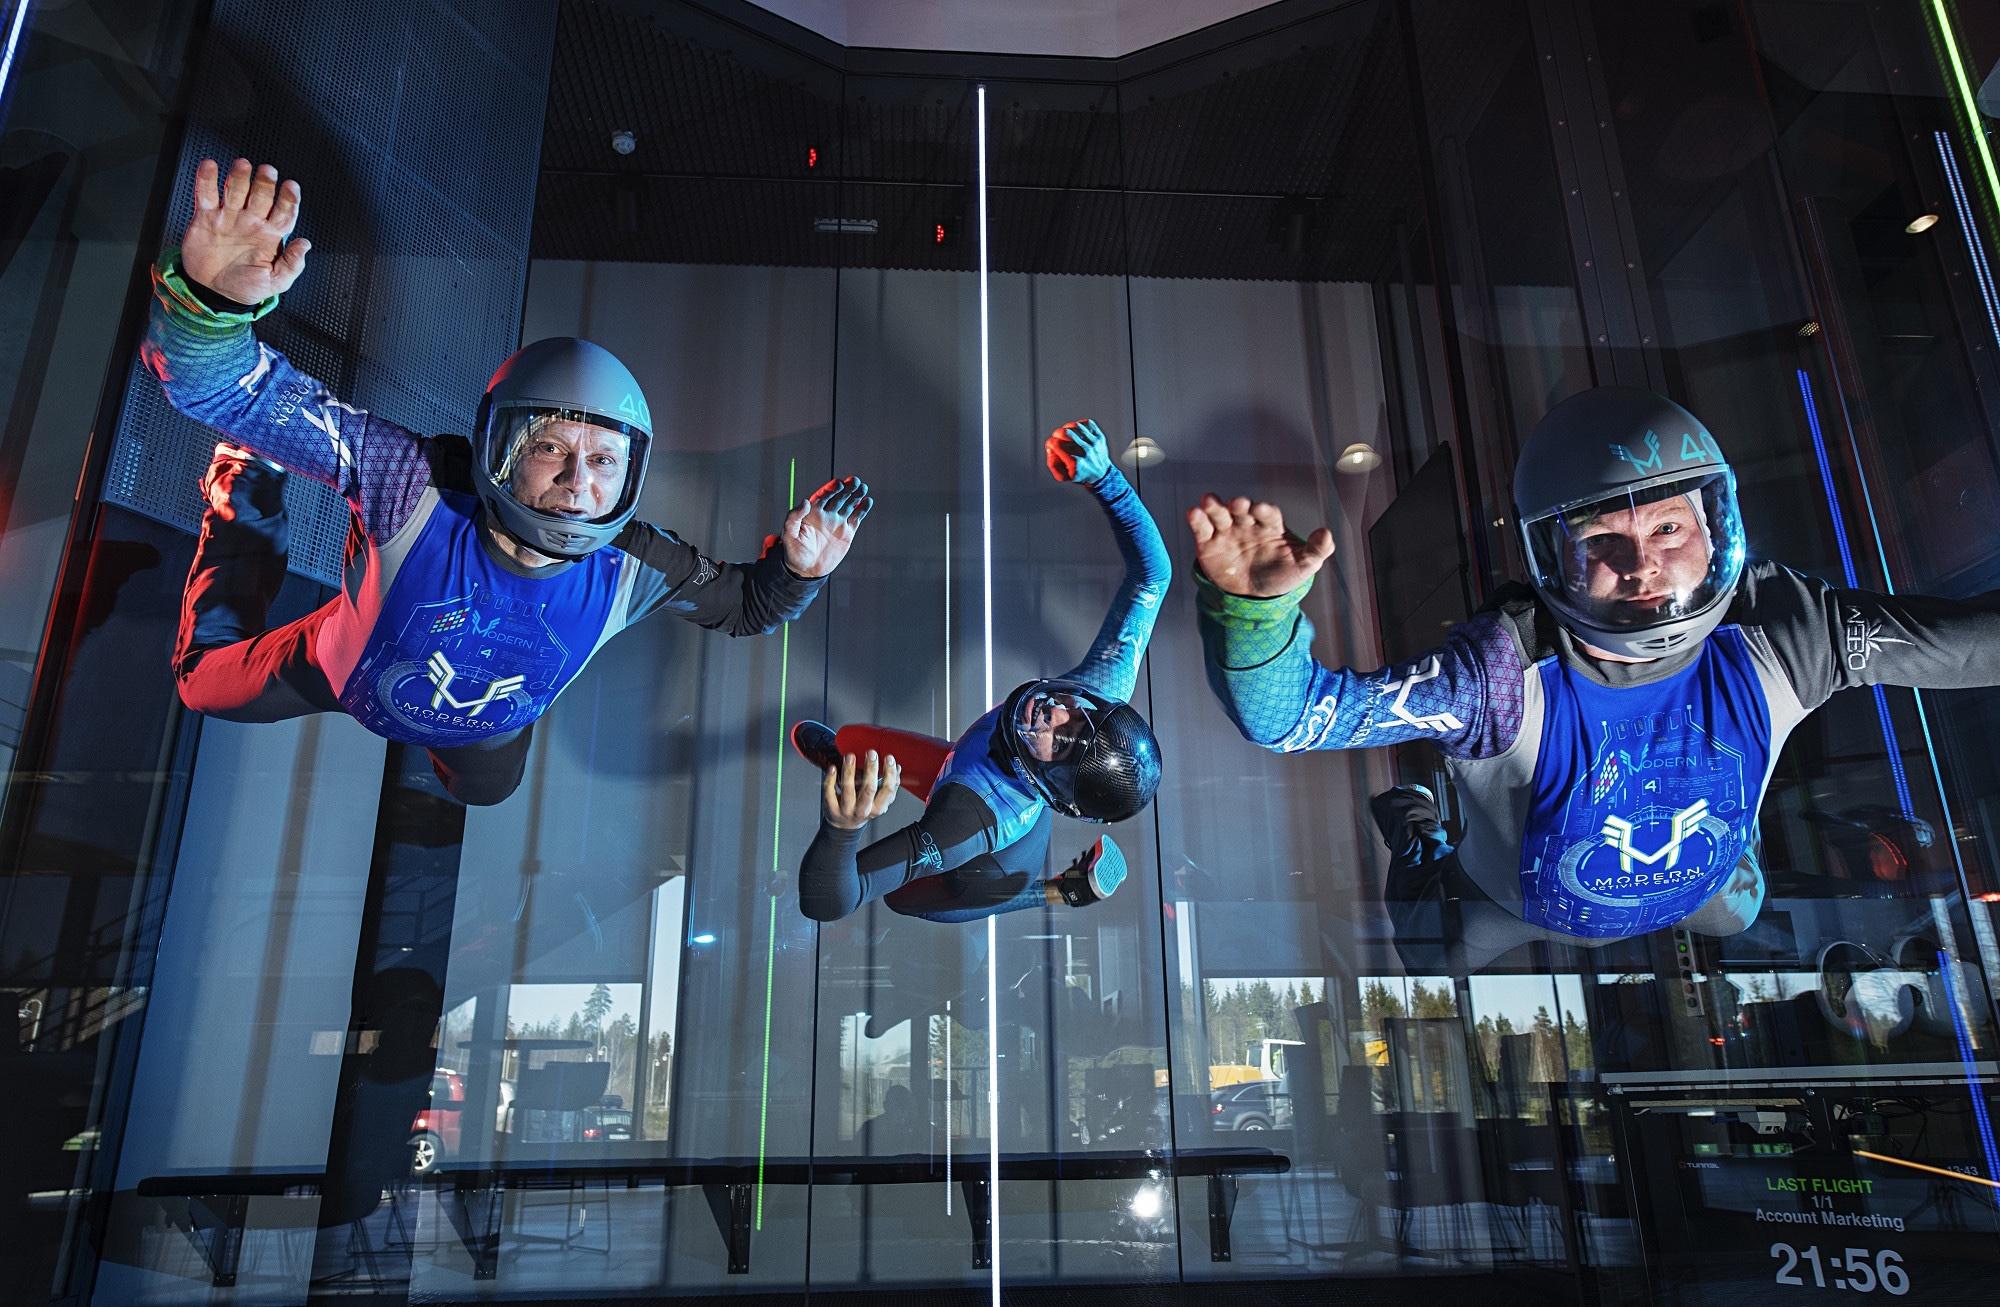 Bilde av mennesker i lufta på Modern Activity Center. Foto: Benjamin Ward